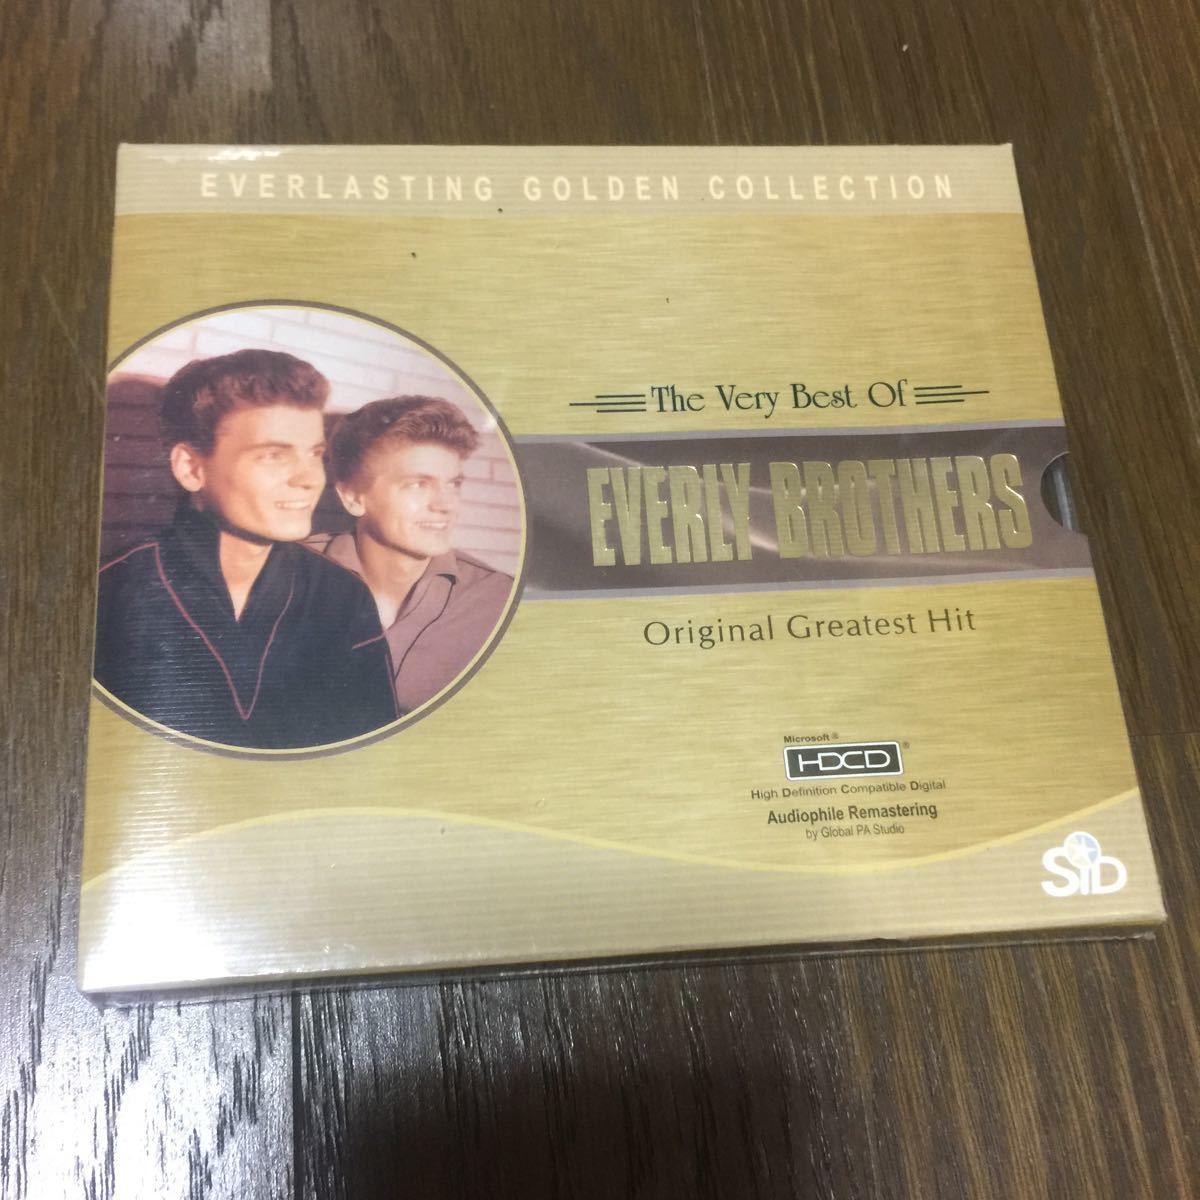 エヴァリー・ブラザーズ THE VERY BEST OF 輸入盤CD【HDCD】【シールド新品】